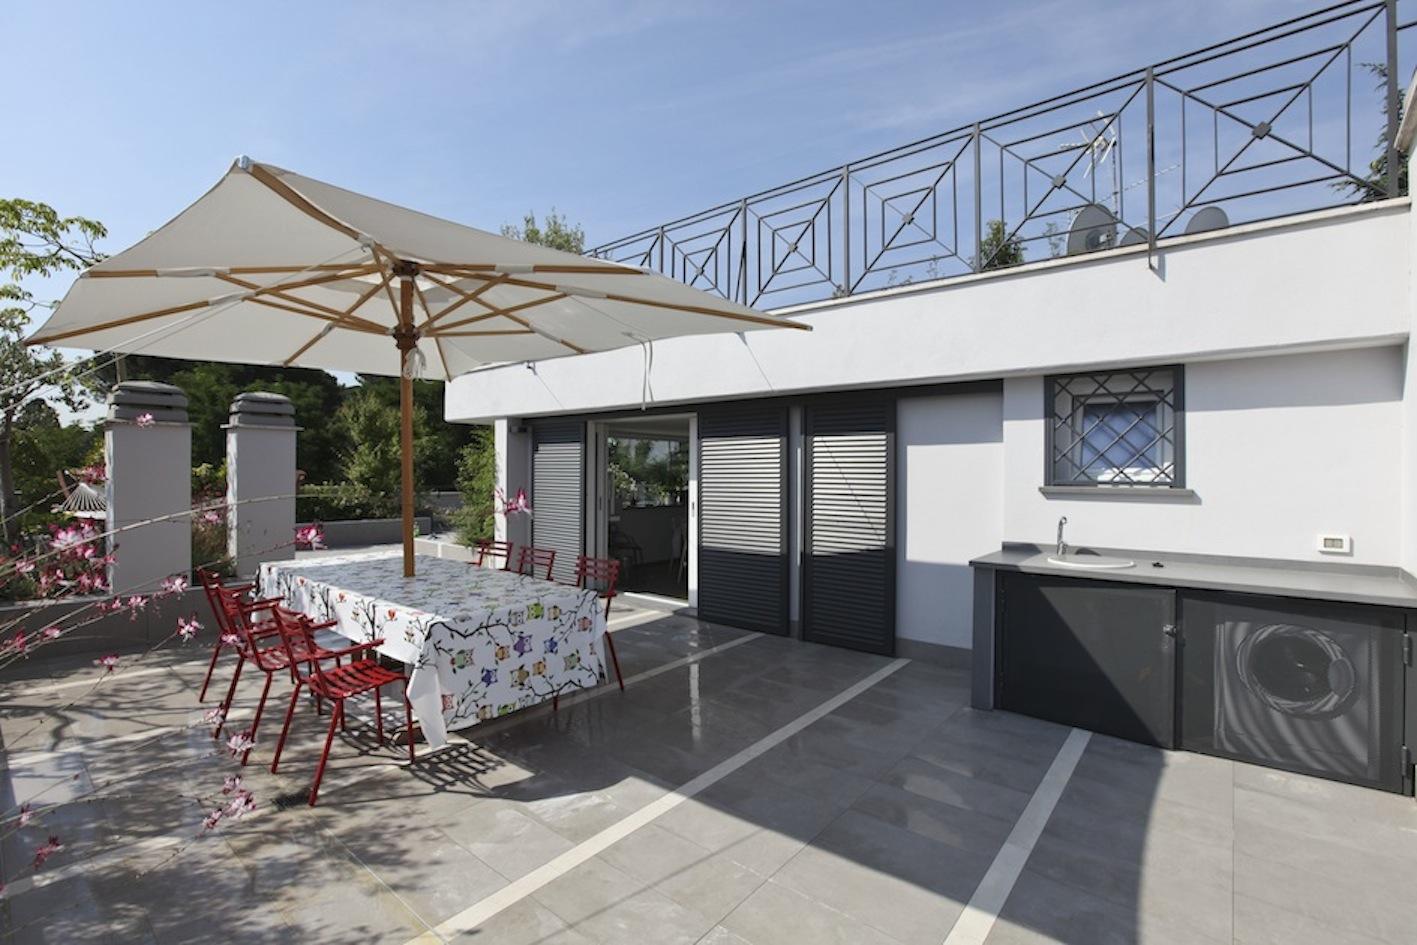 Raffaello sky casa in affitto maria laura berlinguer for Case in affitto roma